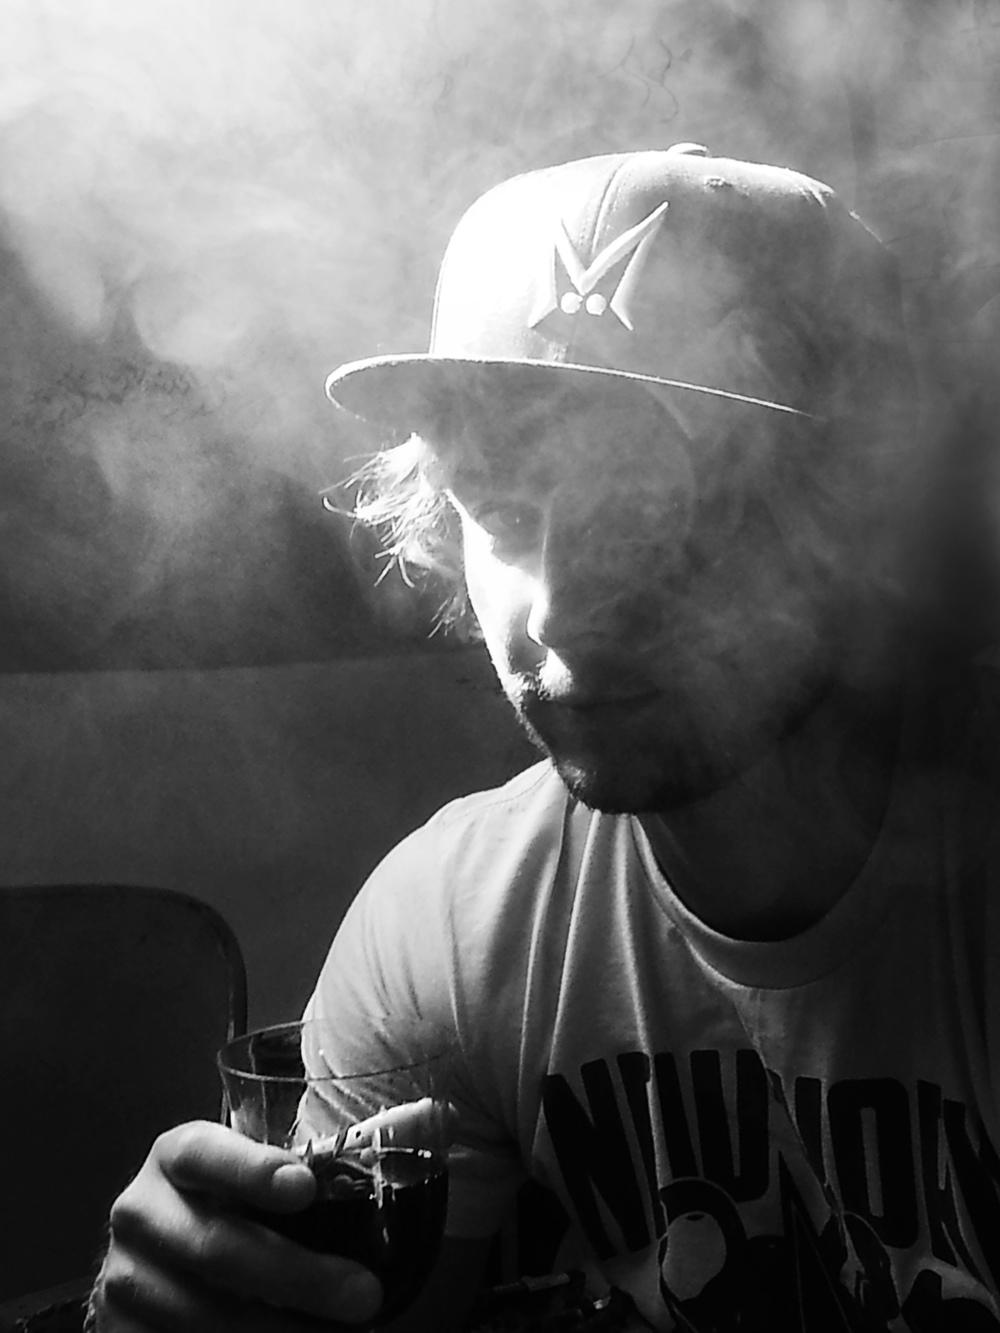 bw_smoke.jpg